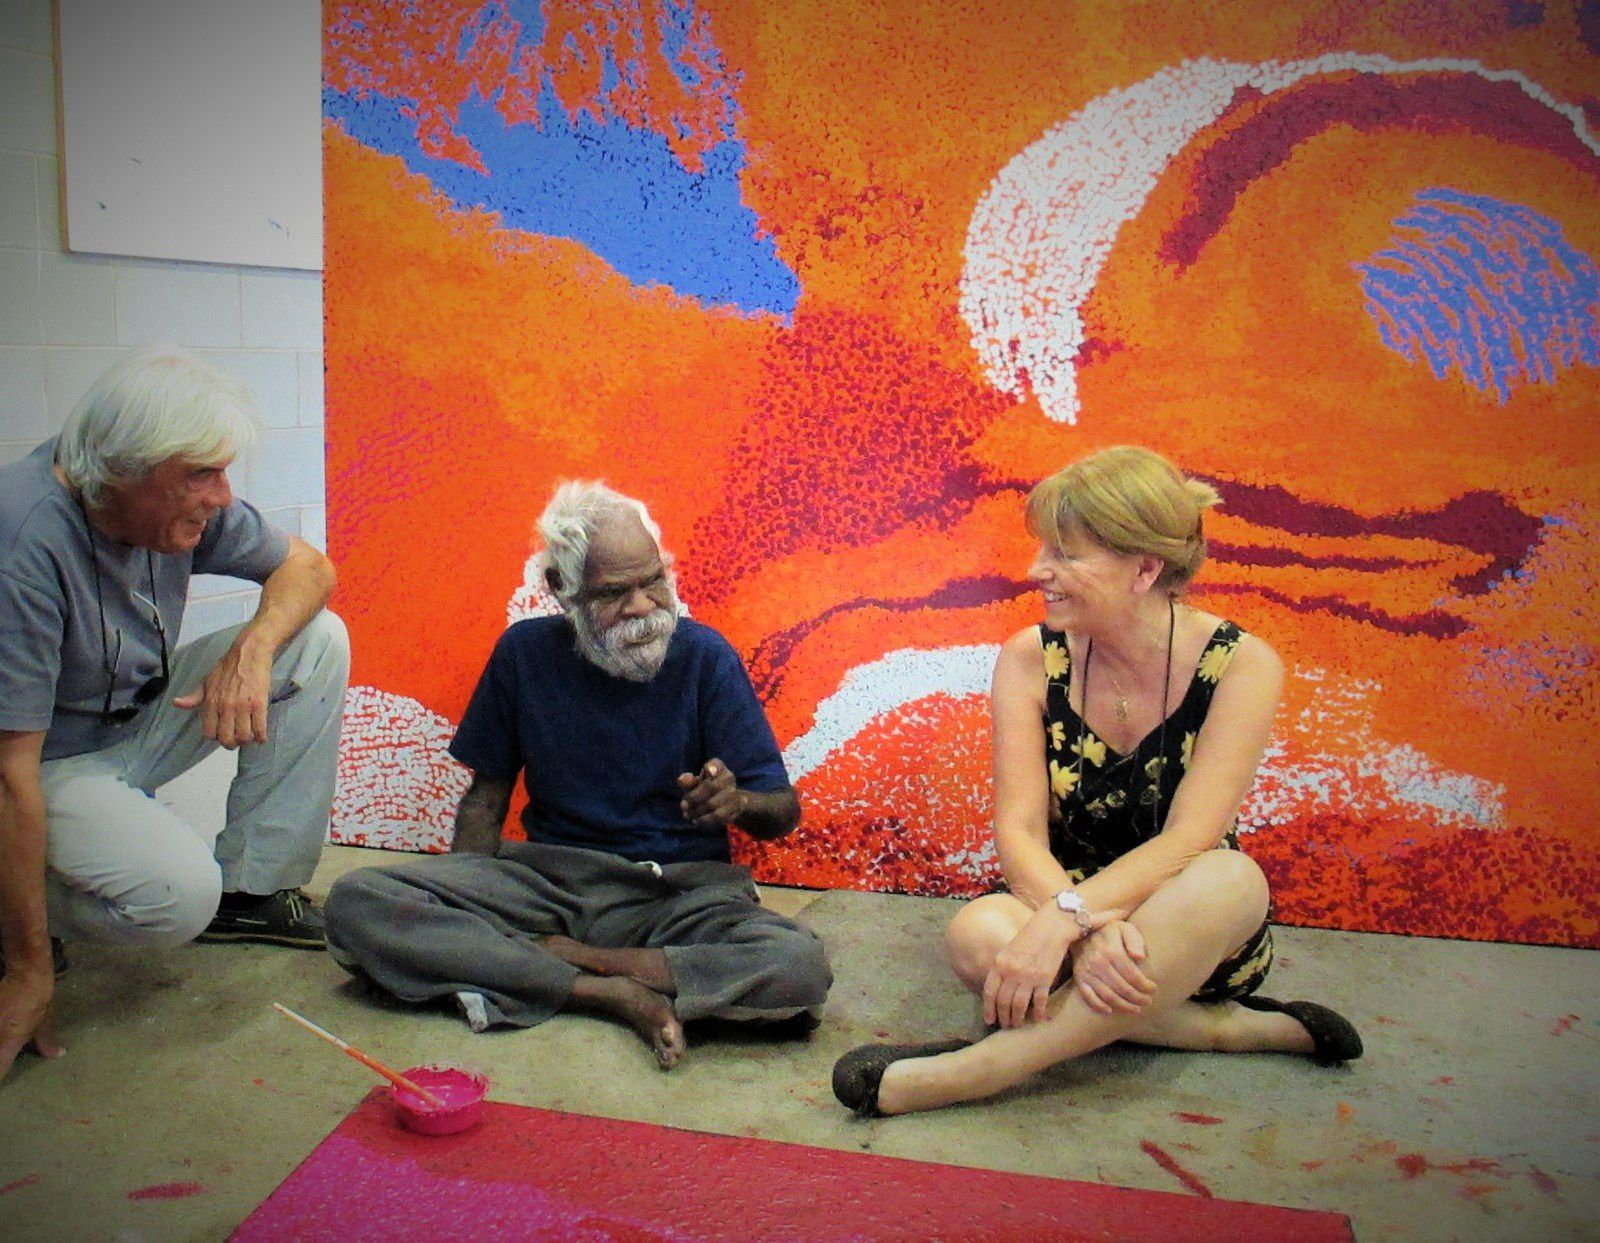 Yannima Pikarli Tommy Watson, peintre du musée Branly, devant son oeuvre de 244x151 cm